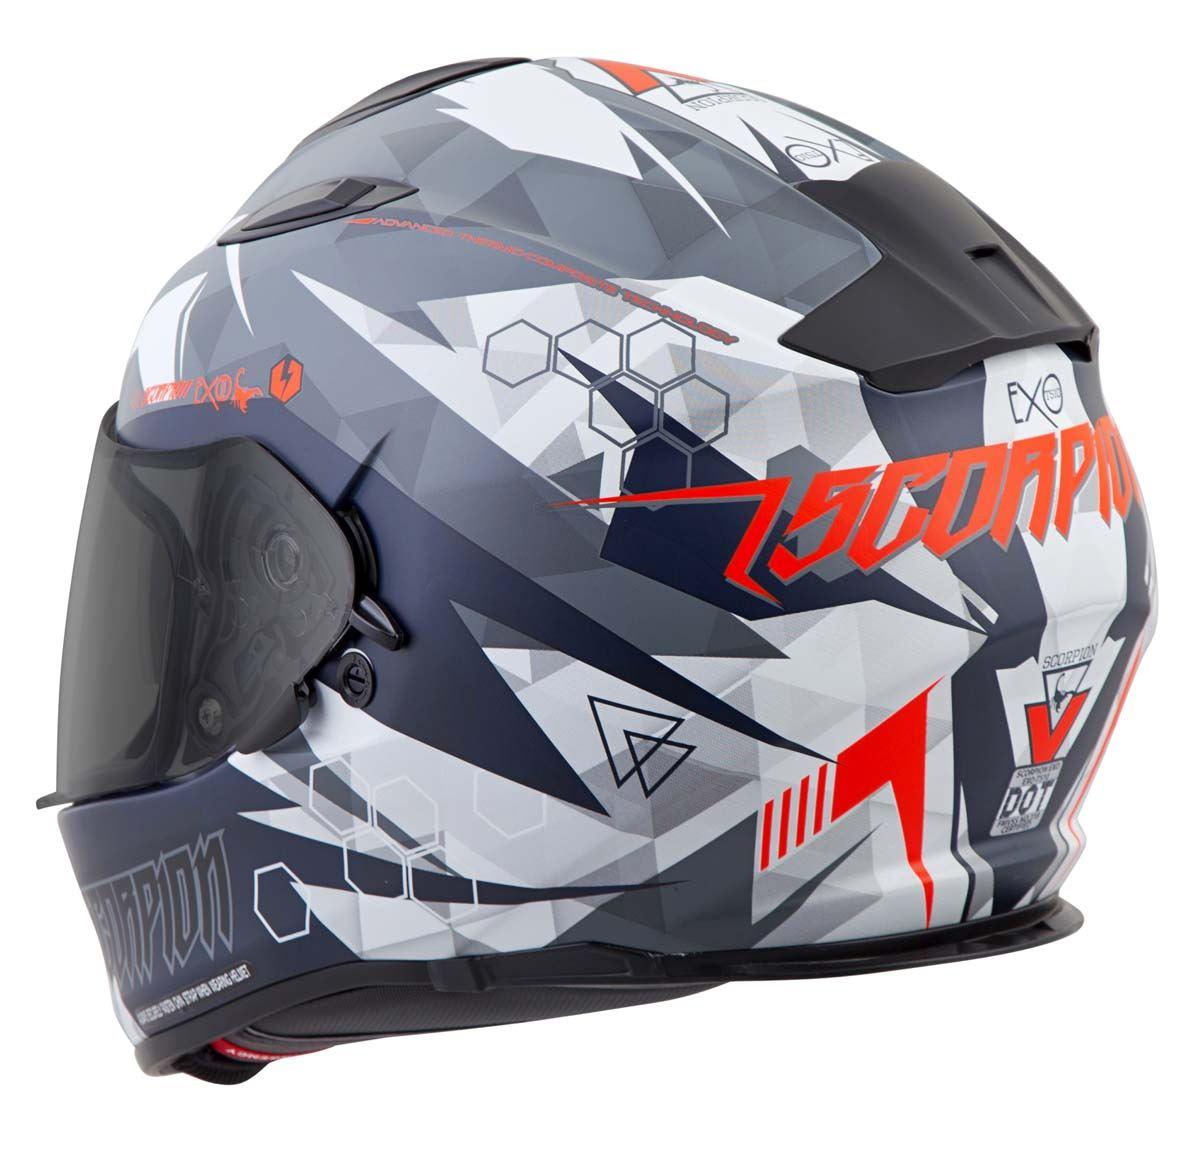 Scorpion-EXO-T510-Helmet-Full-Face-DOT-Approved-Inner-Sun-Shield miniature 51